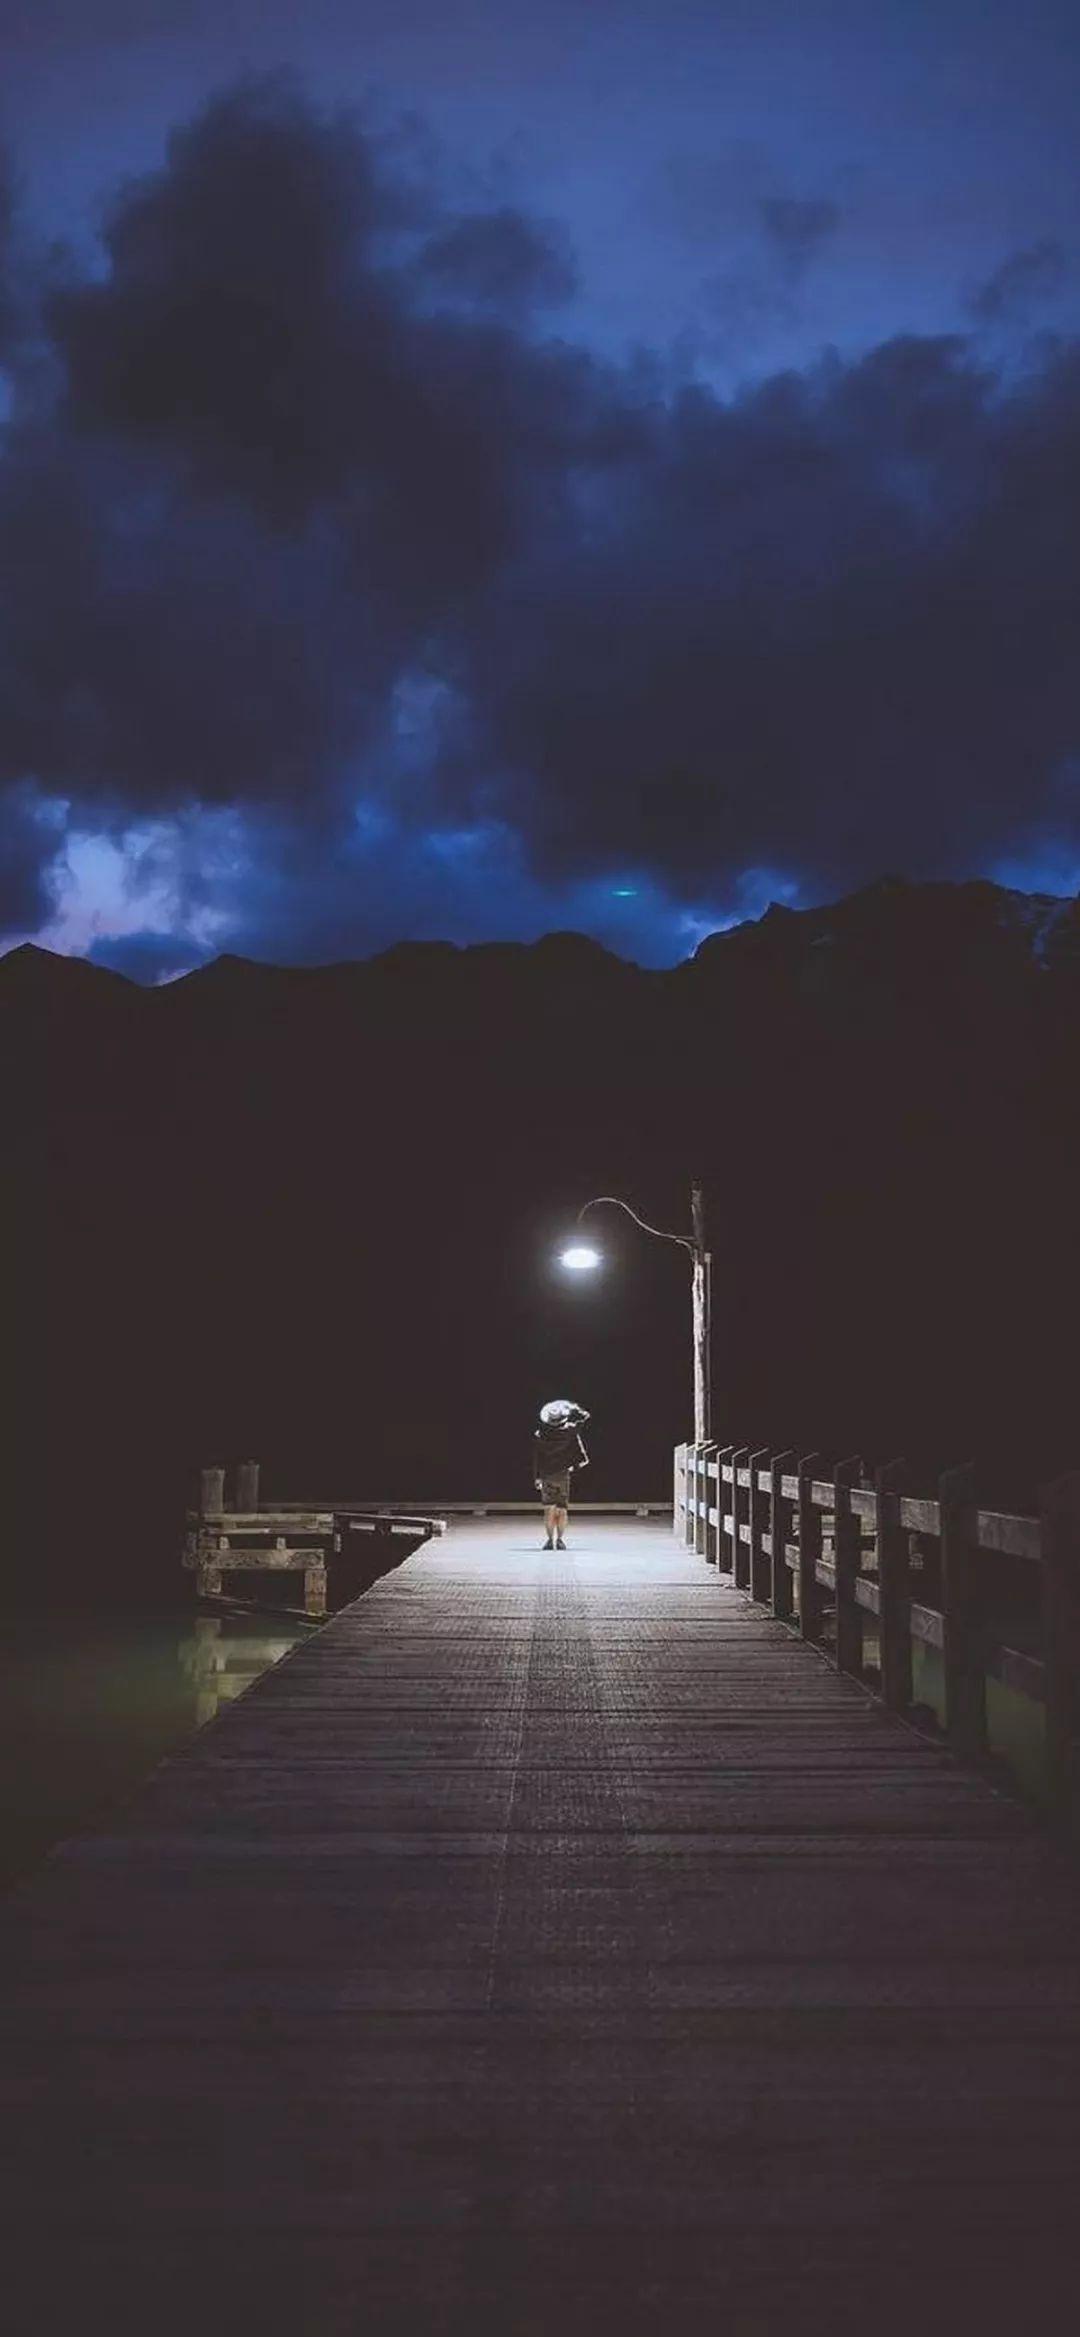 一个人独自去流浪。 - 唯美图片 QQJAY空间站